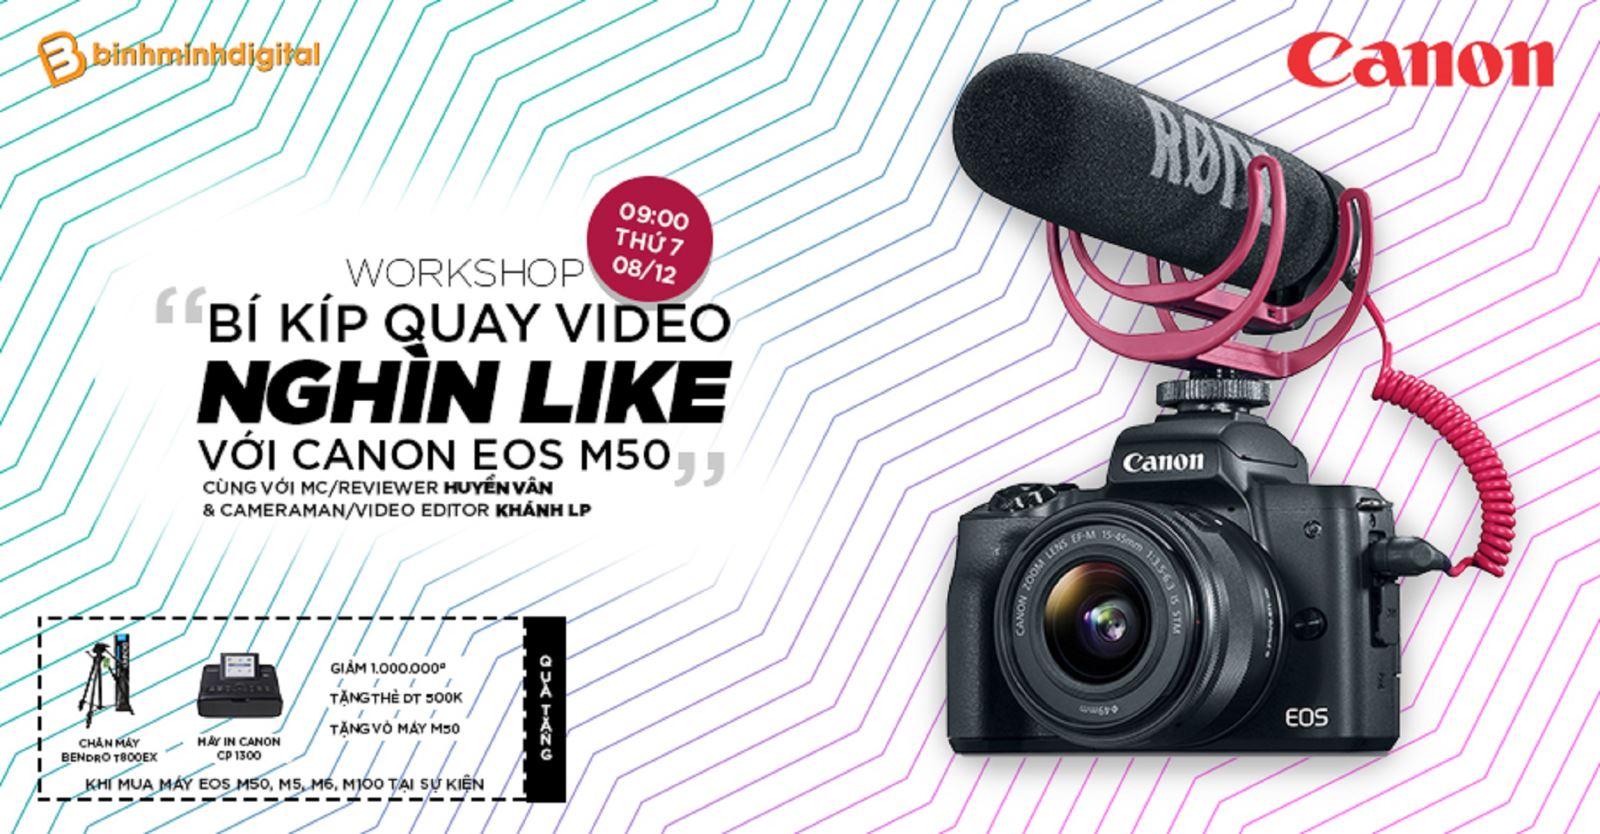 WORKSHOP 'Bí kíp quay video clip 'nghìn like' với máy ảnh Canon'